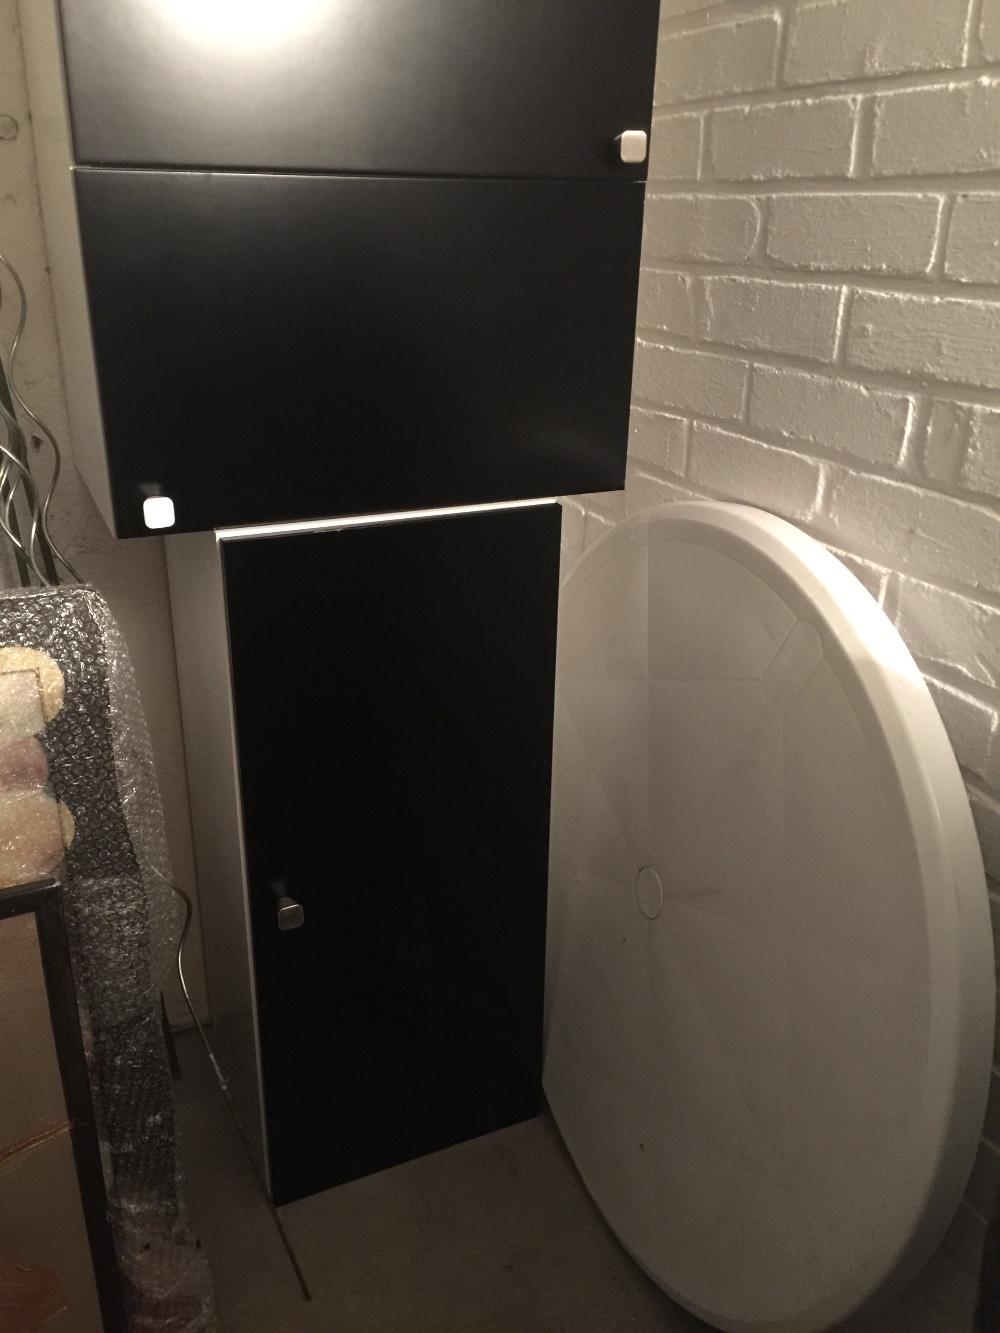 Full Size of Ikea Hngeschrnke Faktum Schwarz 921279 Hängeschrank Wohnzimmer Weiß Hochglanz Küche Kosten Höhe Betten Bei Badezimmer Bad Modulküche 160x200 Kaufen Wohnzimmer Hängeschrank Ikea